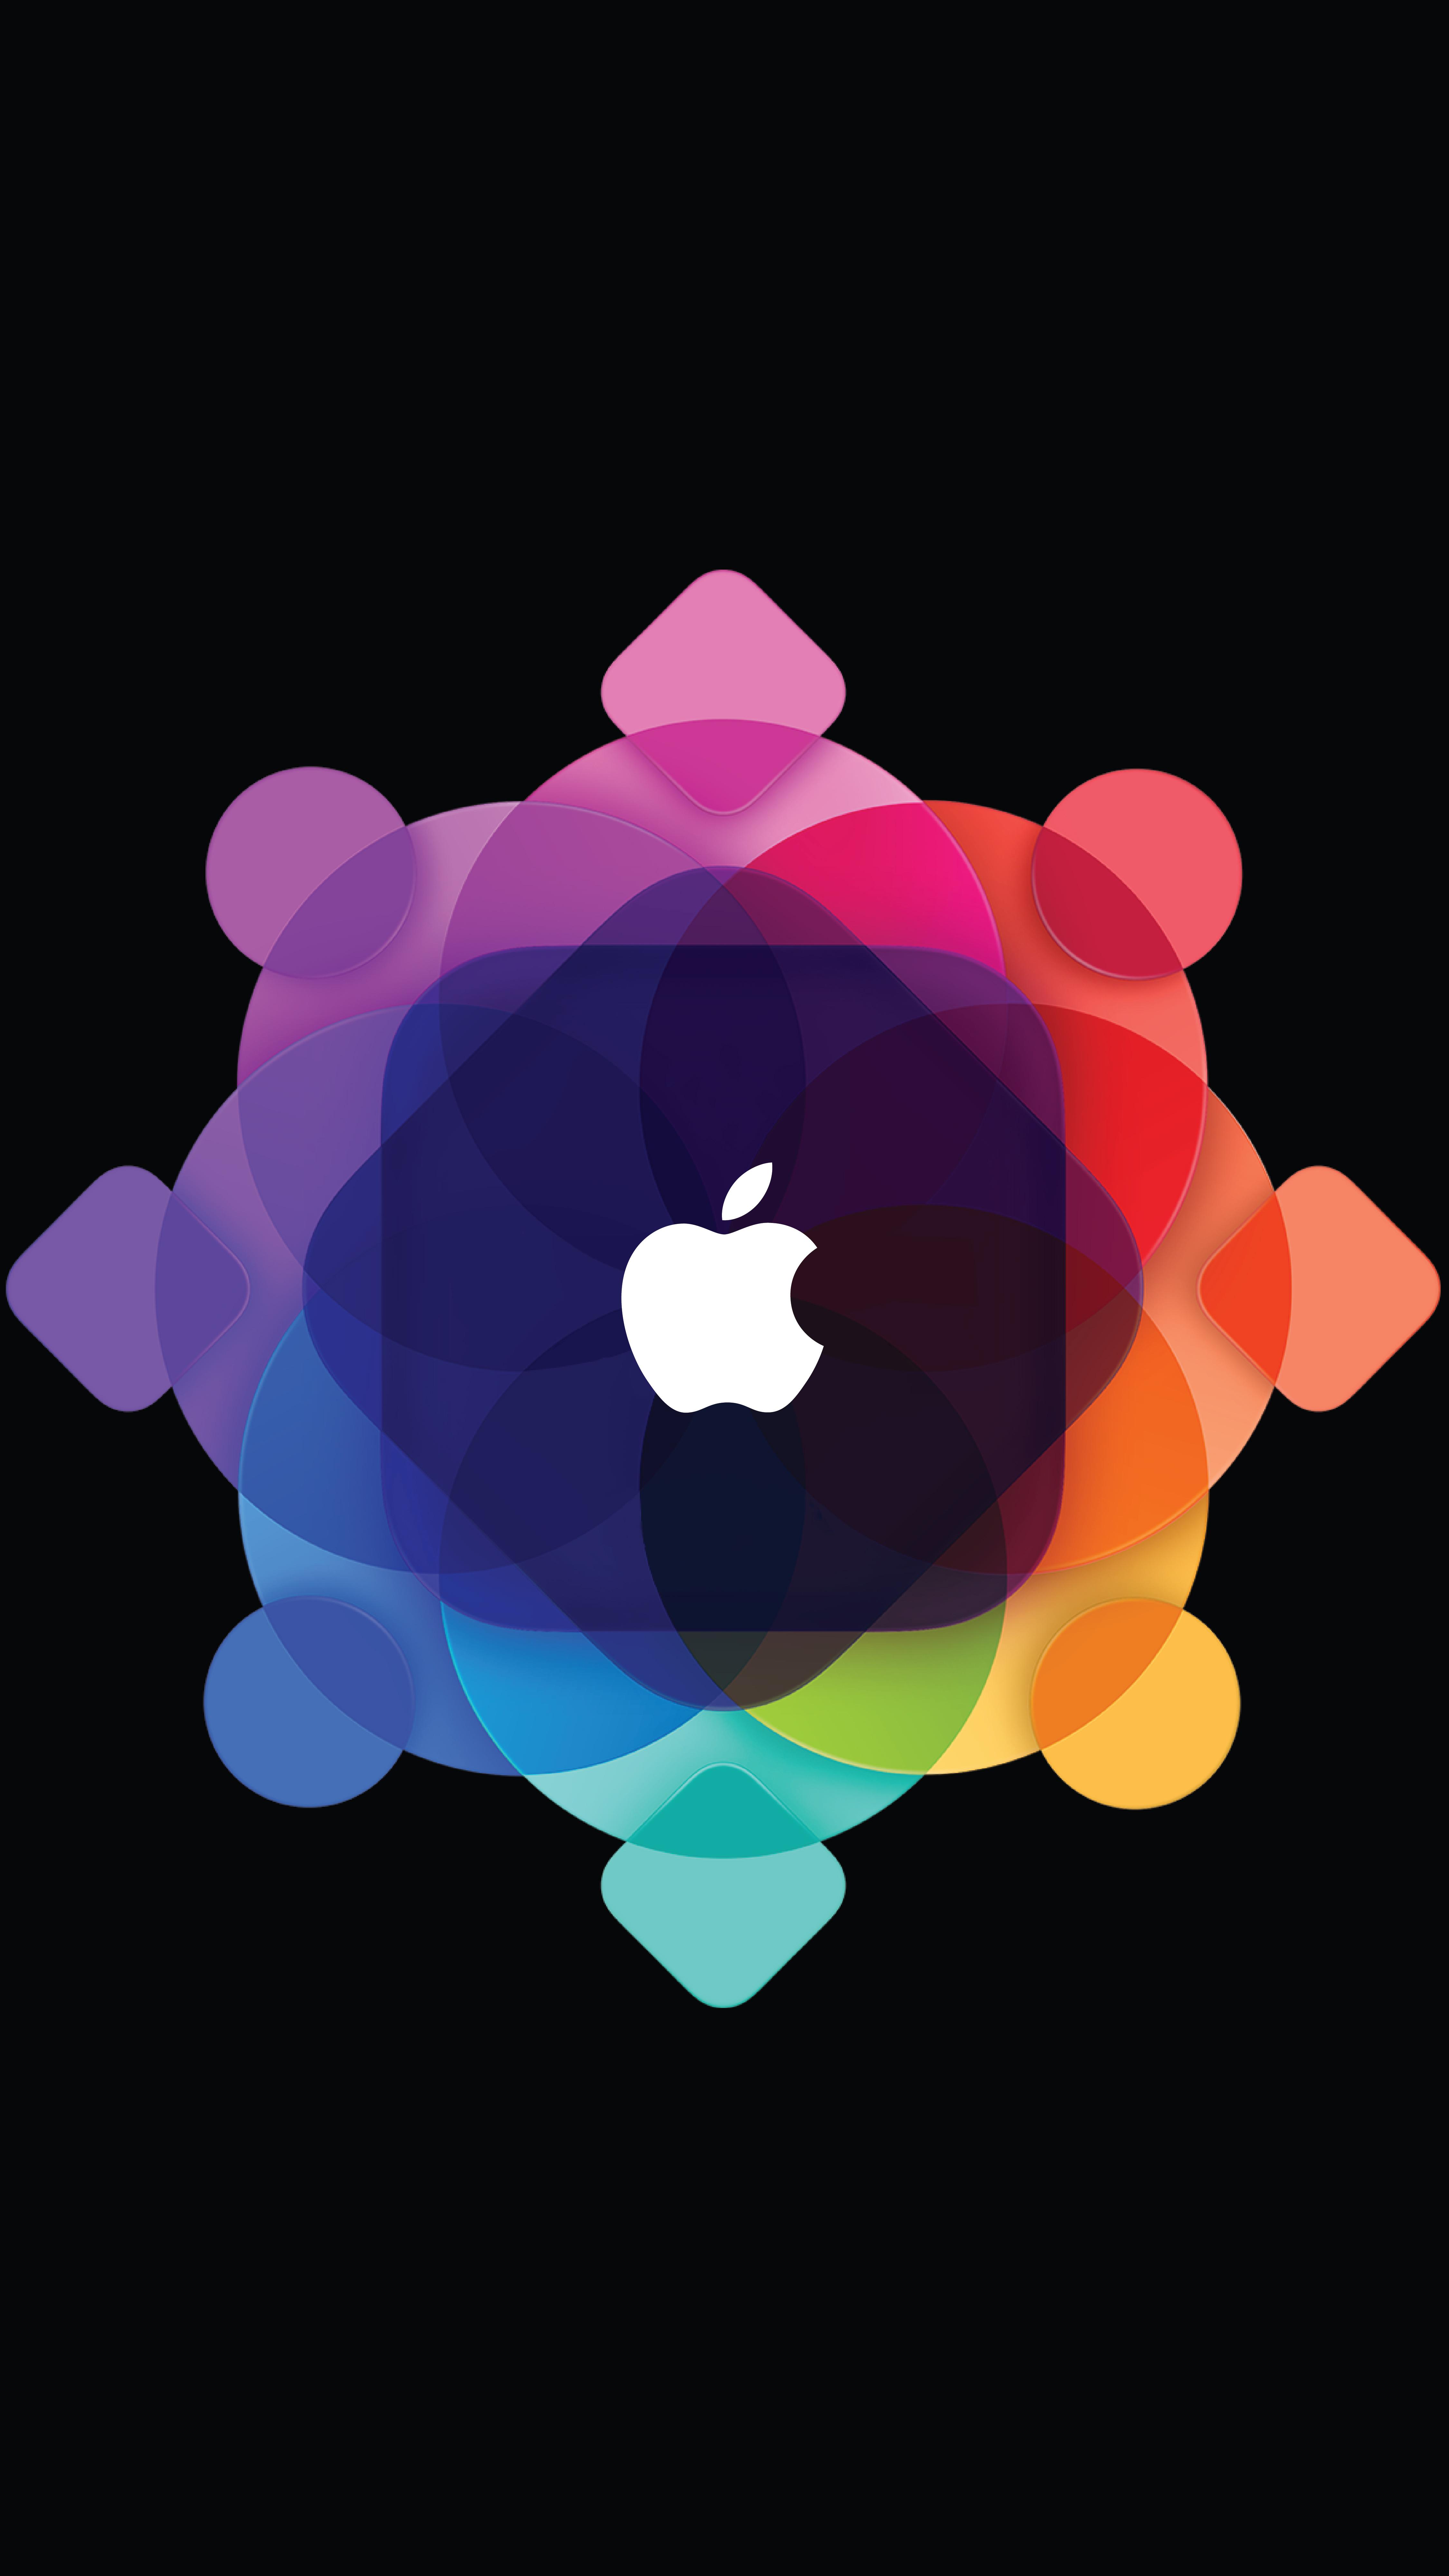 096645c89d5 ... iPhone con fondo negro, con el logo de Apple dentro del logo de la  invitación de la WWDC 15.